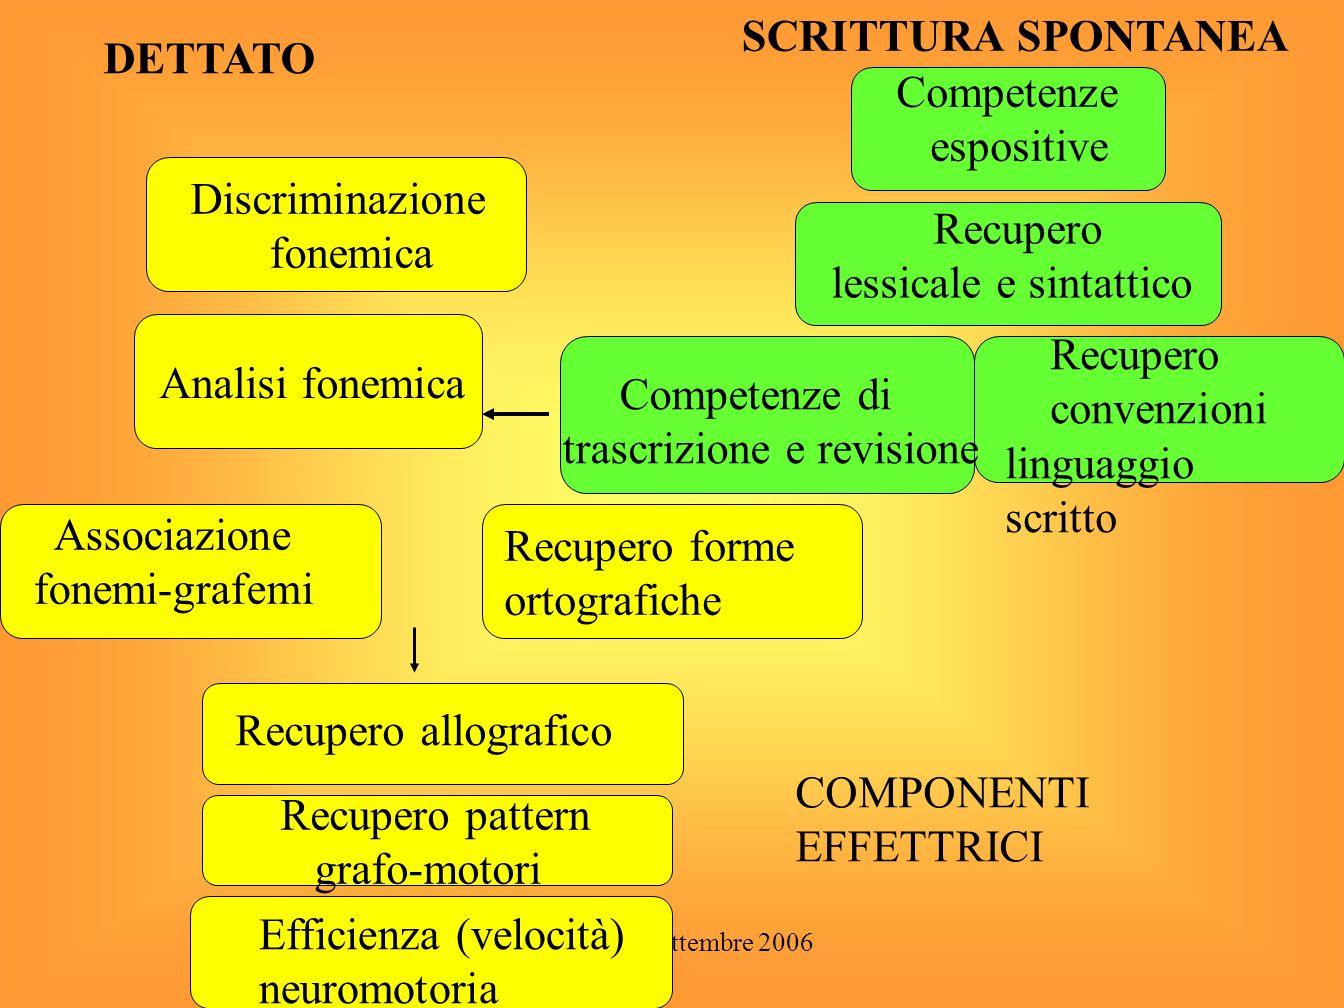 Sassuolo - settembre 2006 INPUT UDITIVO ANALISI UDITIVA ANALISI FONOLOGICA MEMORIA FONOLOGICA FASE ALLOGRAFICA BUFFER GRAFEMICO PROGRAMMA MOTORIO OUTPUT MODELLO DI SCRITTURADETTATA CONVERSIONE GRAF./FON.